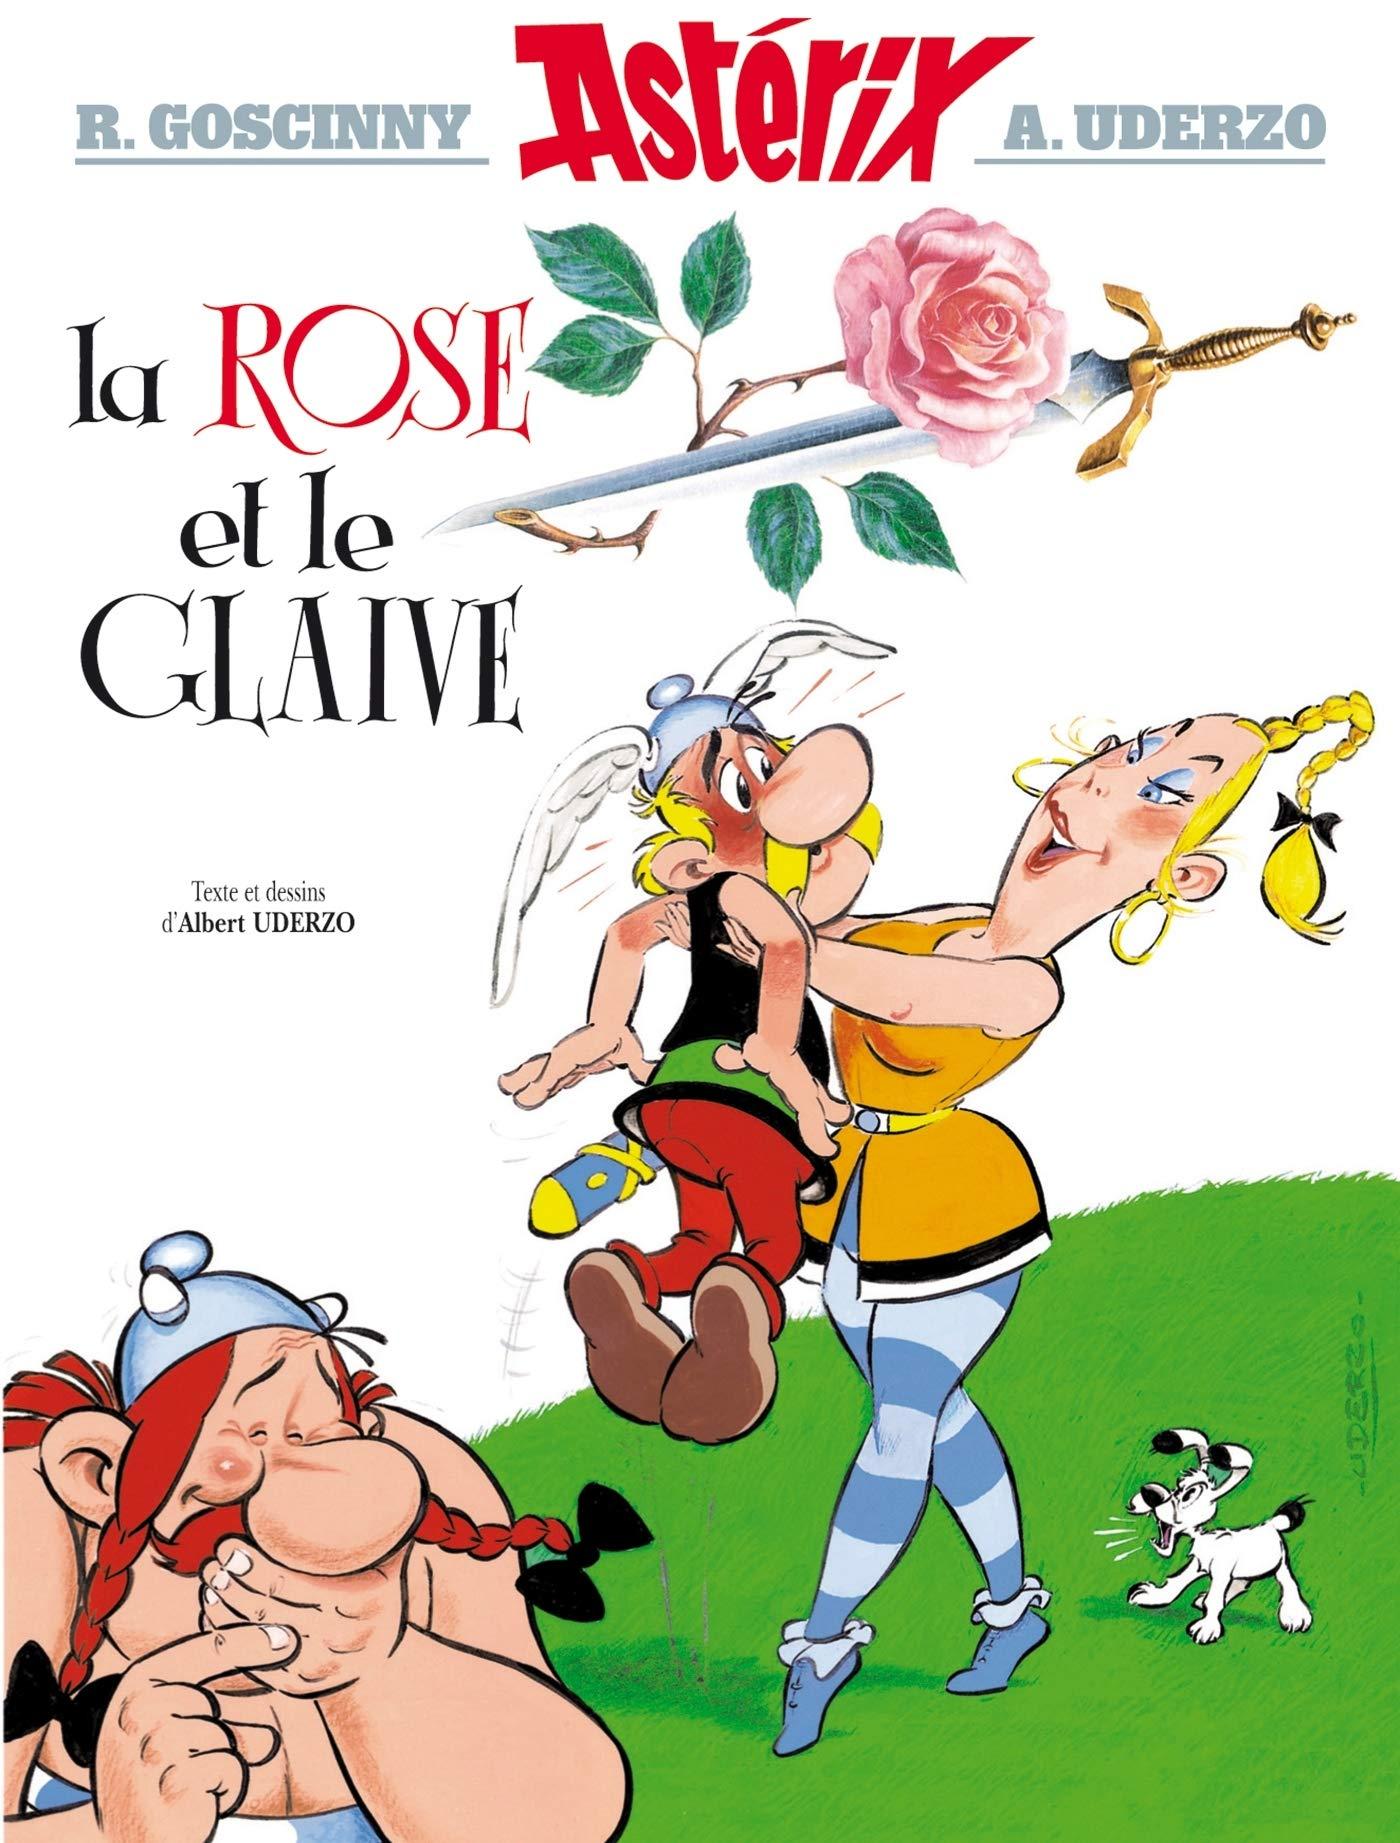 Asterix 29  La Rose Et Le Glaive  Francés